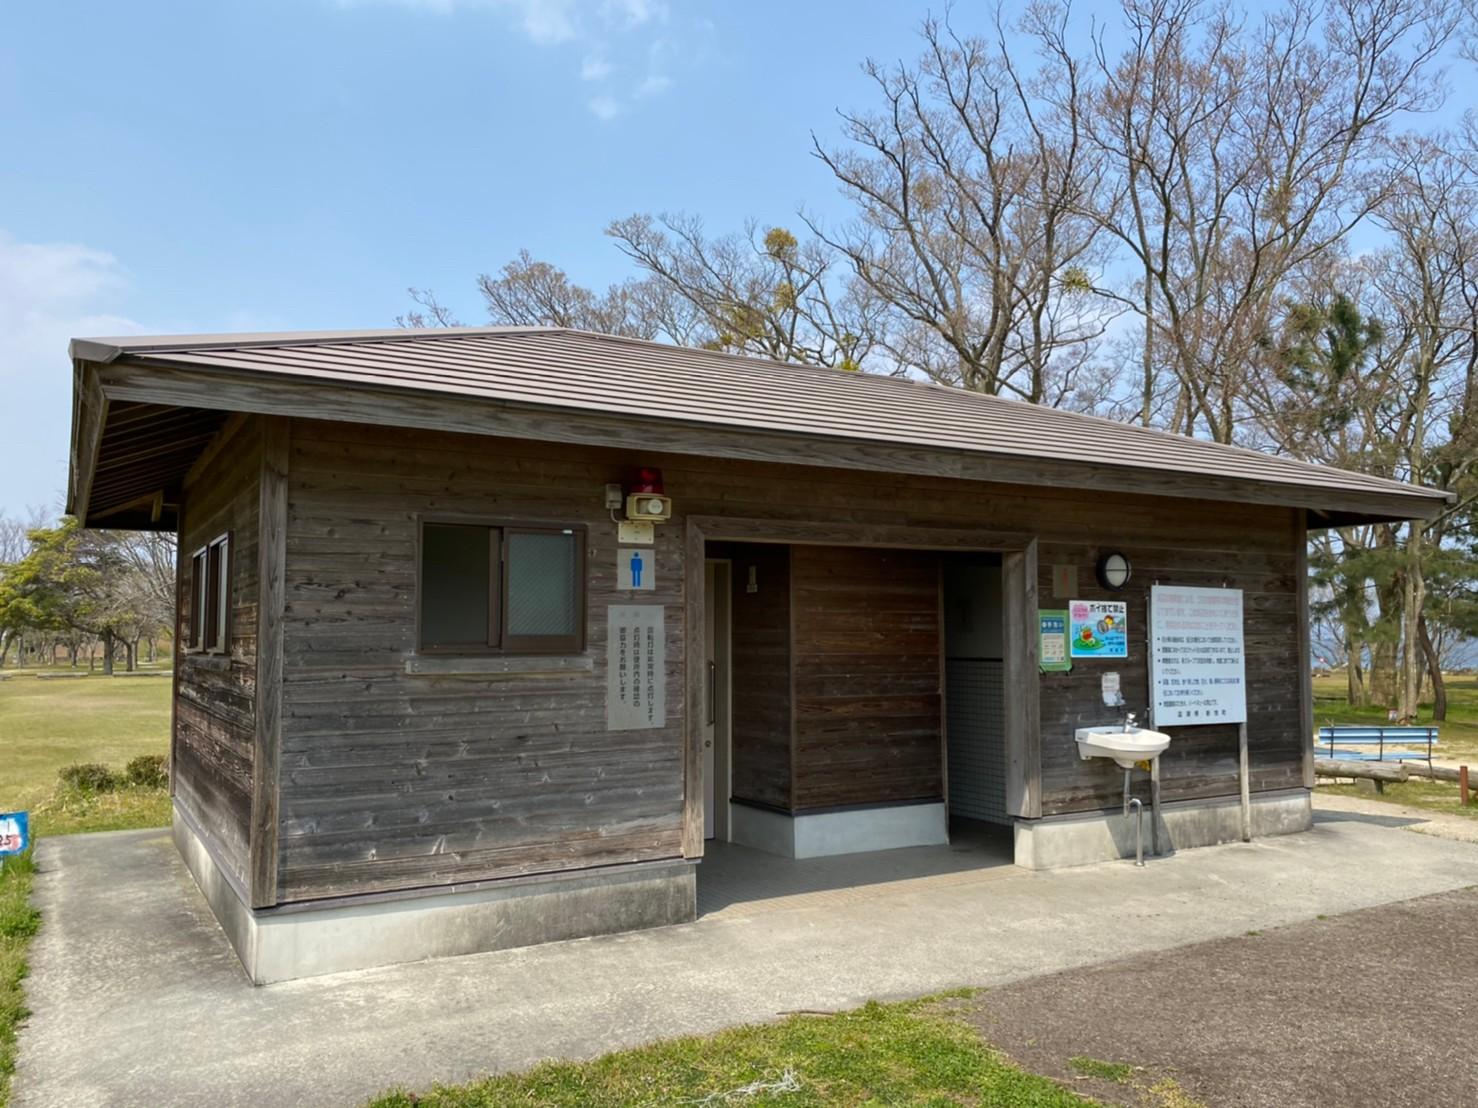 【高島市】『源氏浜』のアウトドア情報(駐車場・トイレ)